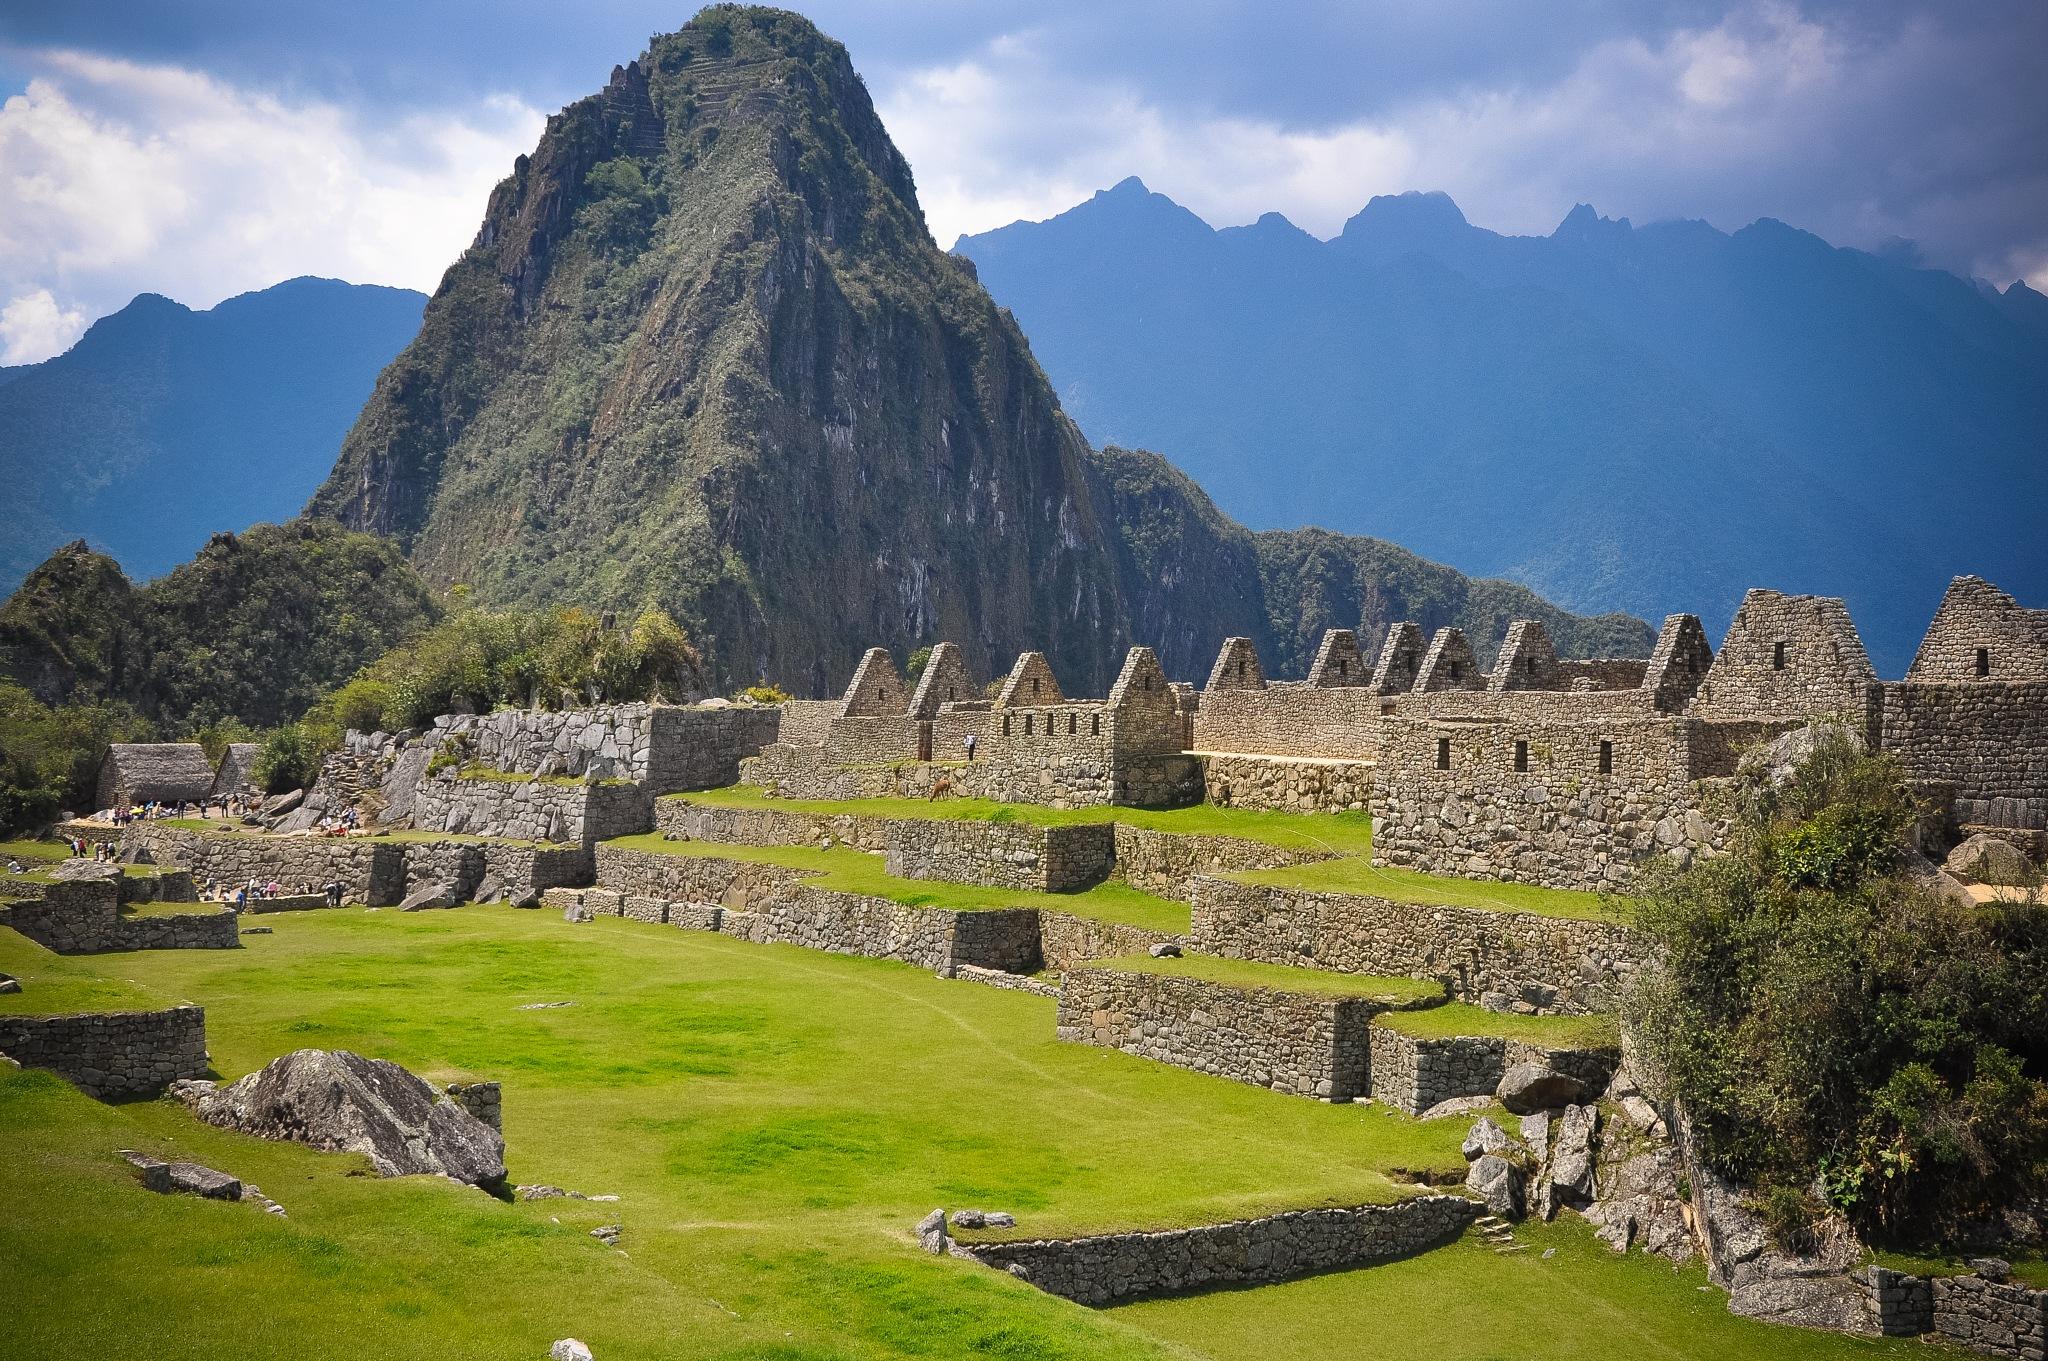 The Main Square, Machu Picchu (Peru) by Jiri Bielicky